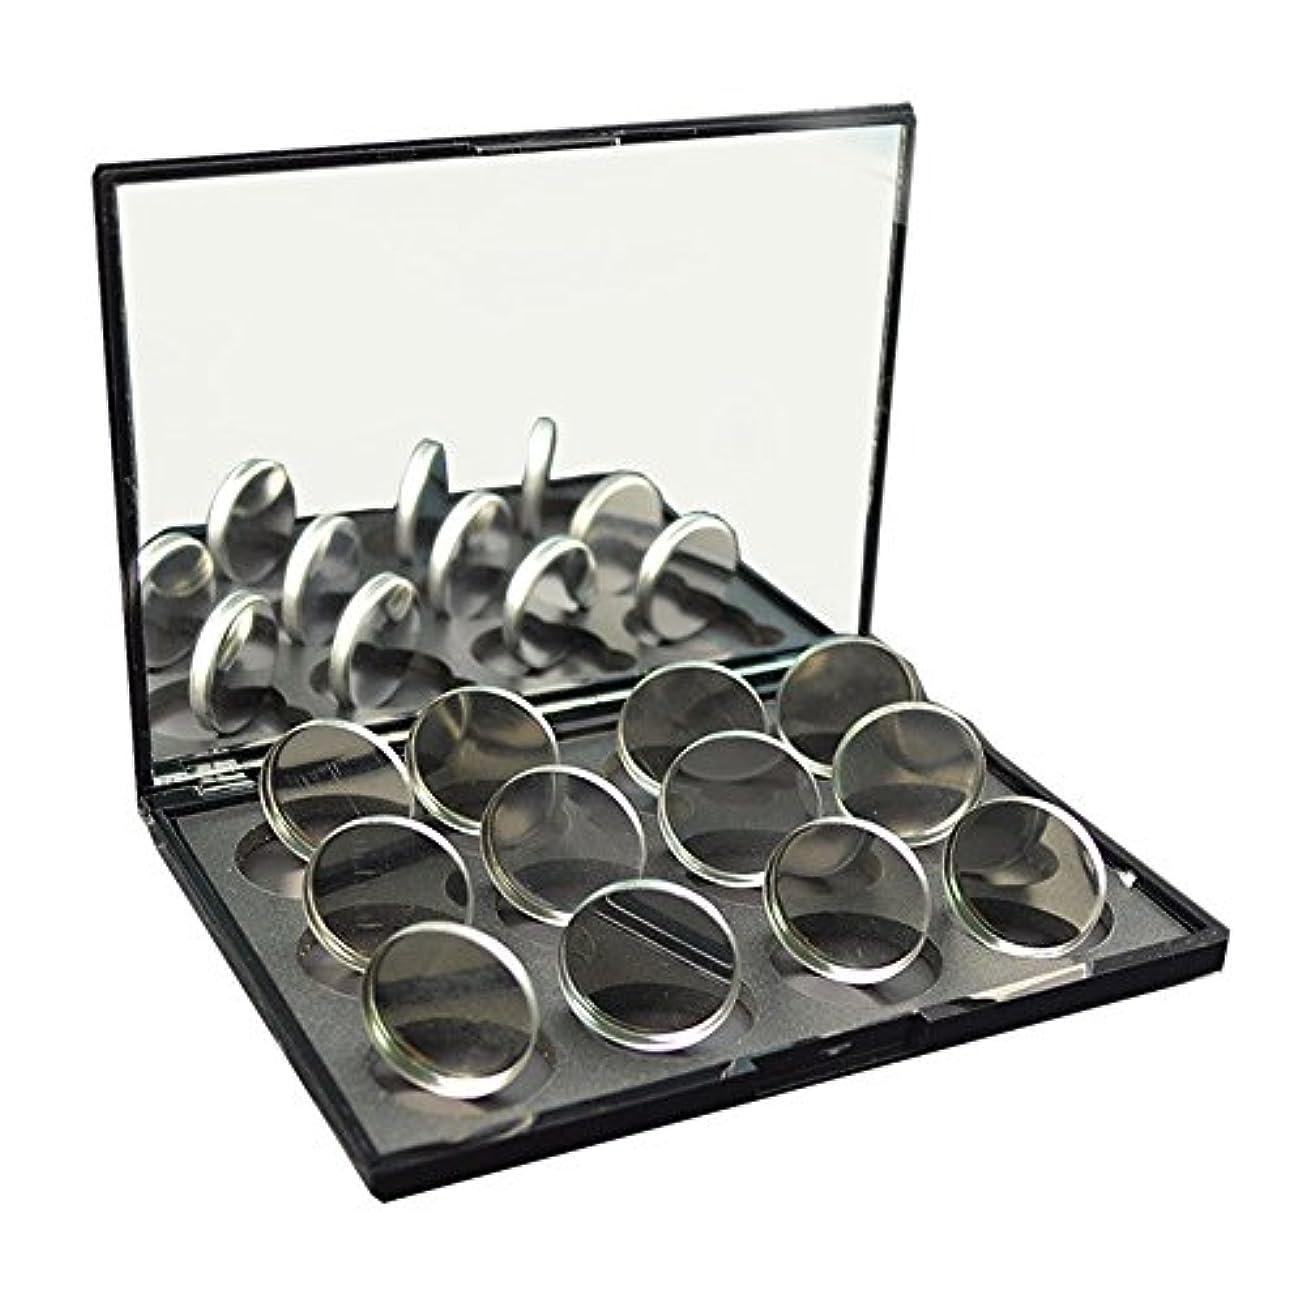 メダルフットボール抽象磁石に敏感な粉のアイシャドウ26mmのための100pcs空の円形の錫鍋